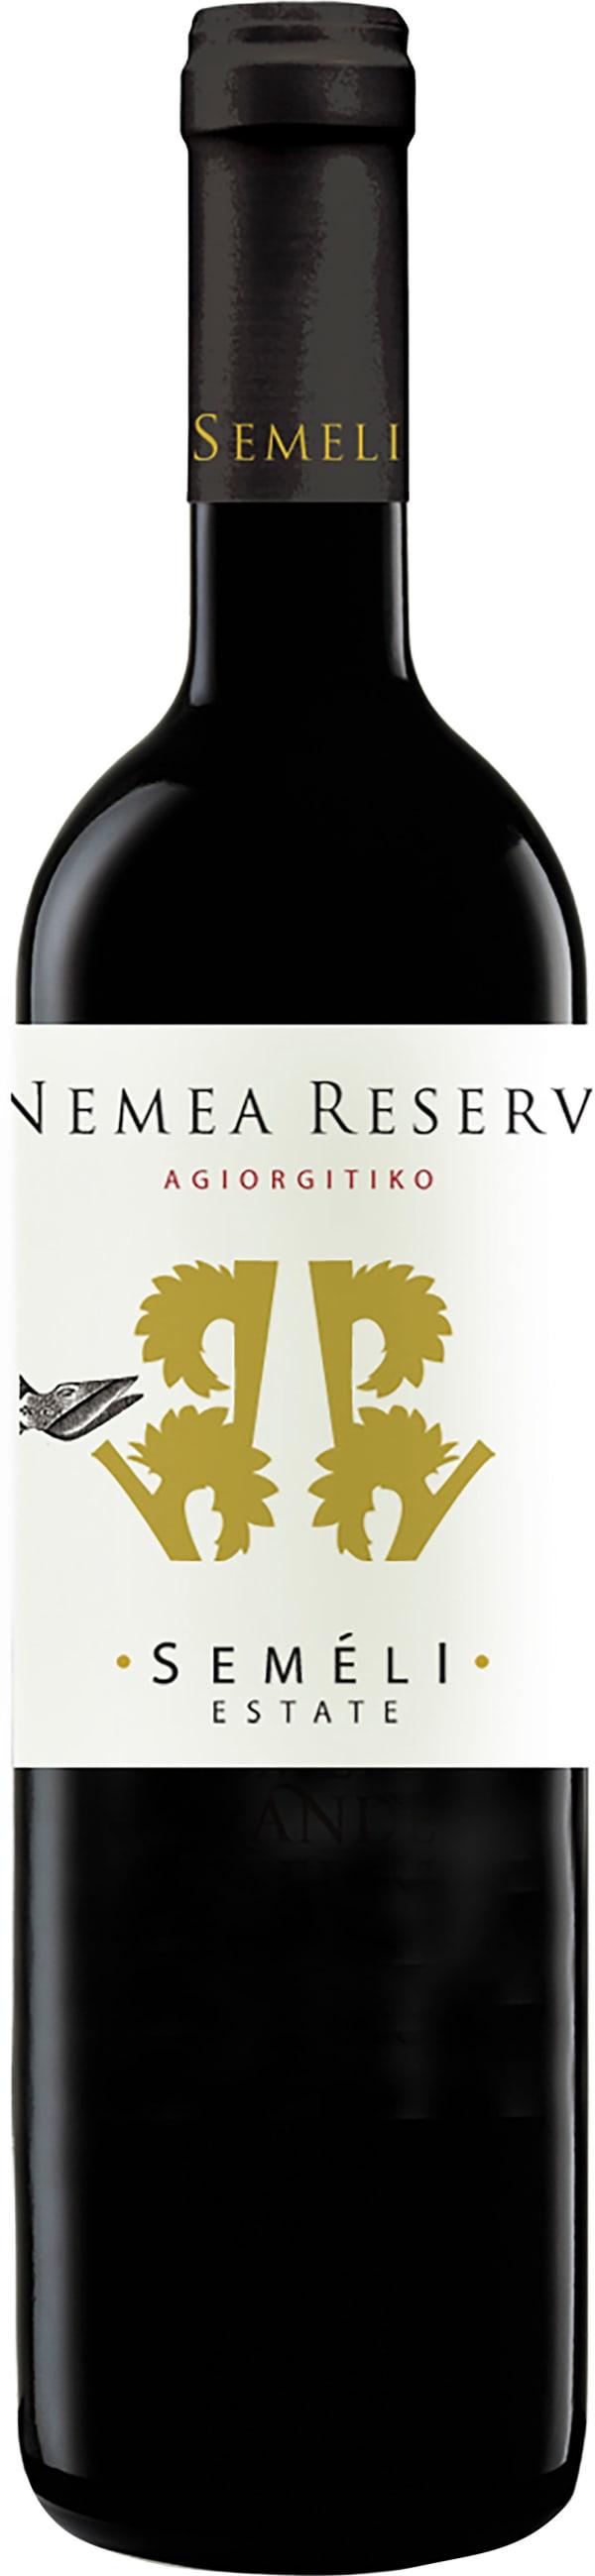 Semeli Estate Nemea Reserve Agiorgitiko 2016